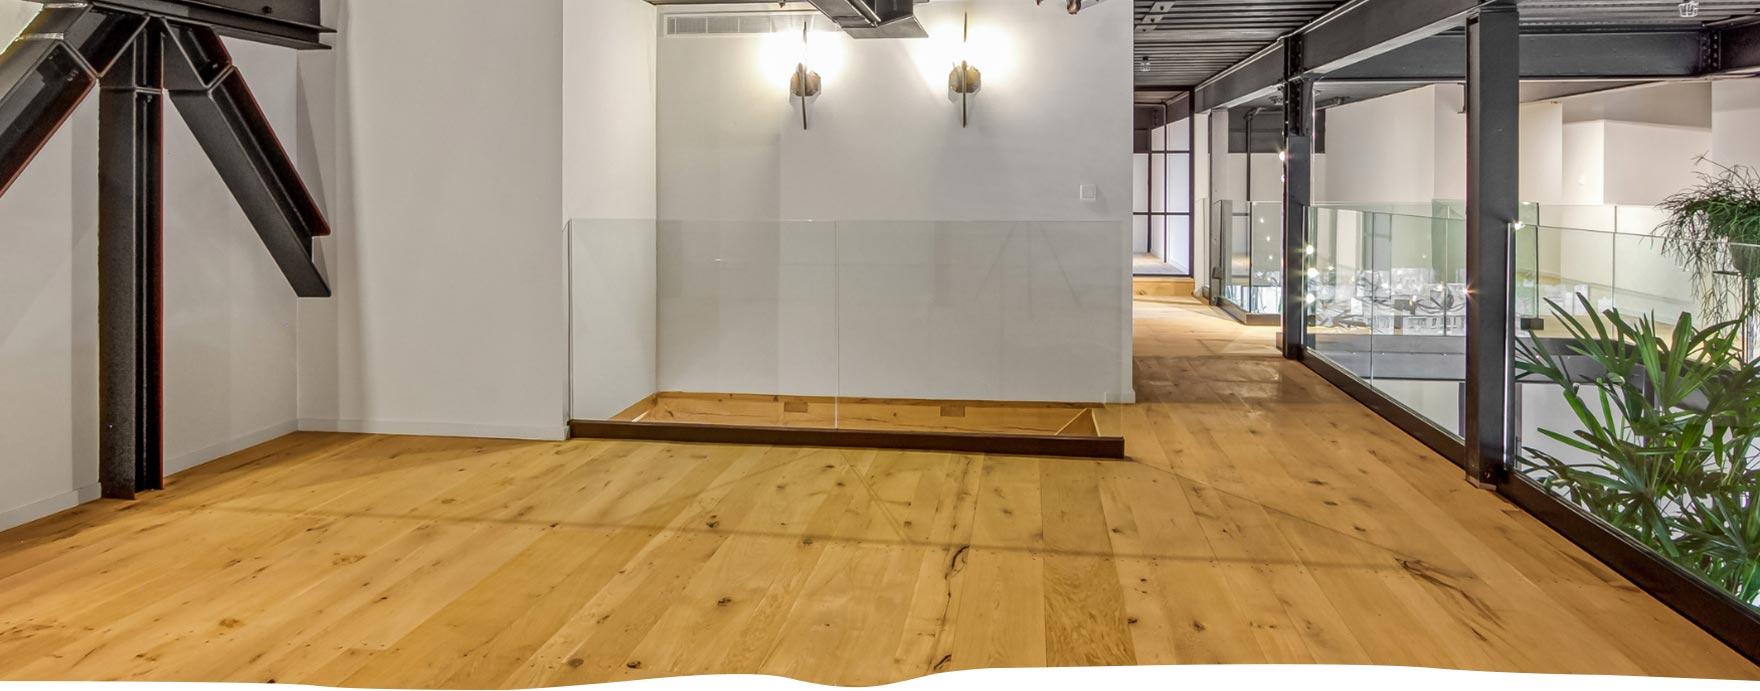 Wagonplanken vloer - De Hout Snip